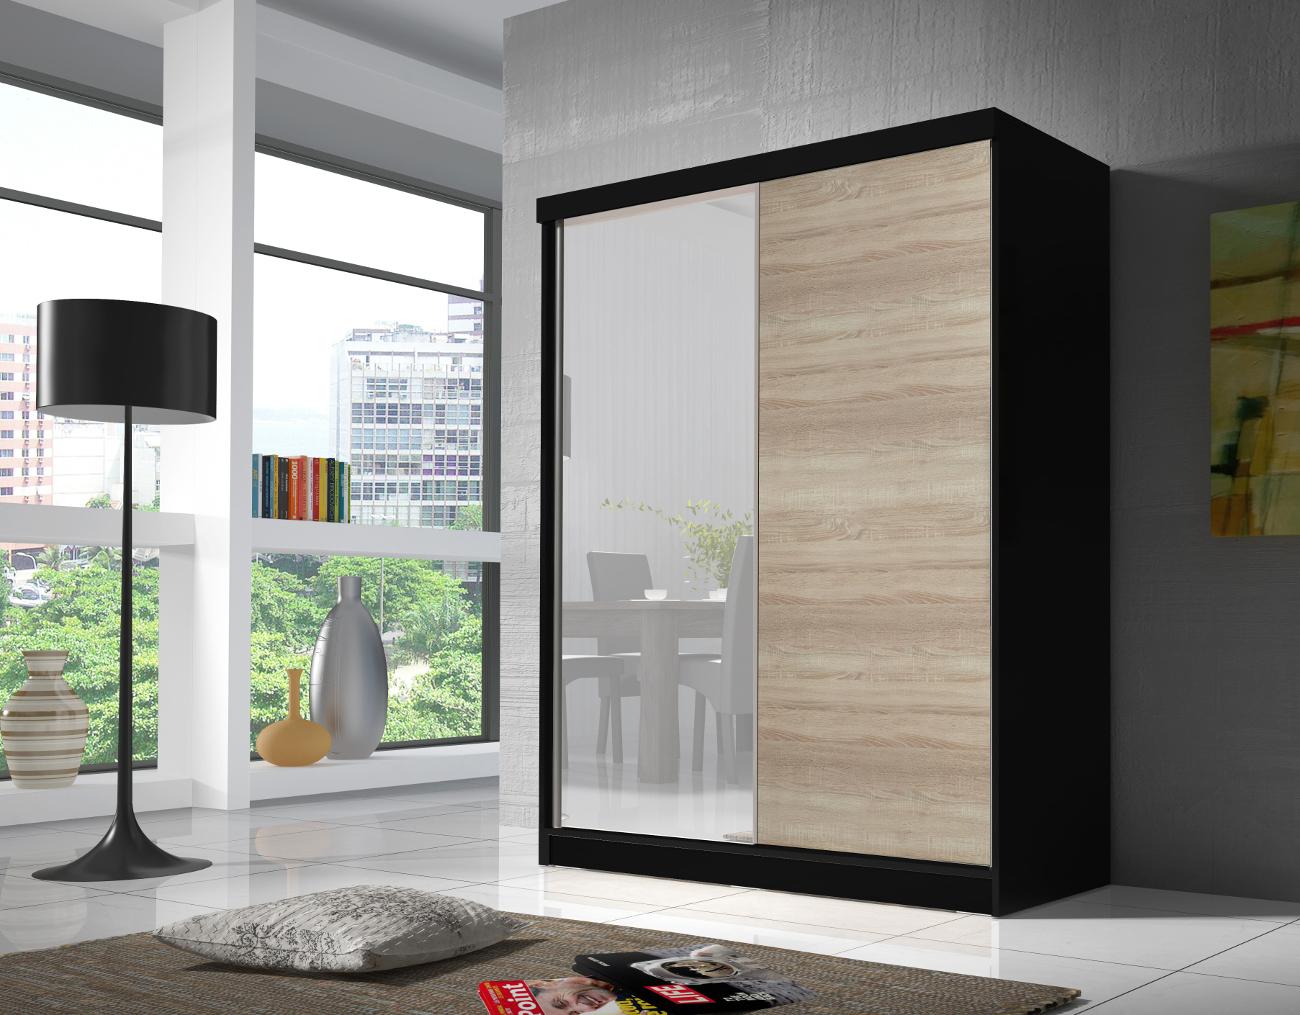 kleiderschrank mit spiegel schiebe t ren schrank sonoma schwarz 160cm eva01 ebay. Black Bedroom Furniture Sets. Home Design Ideas